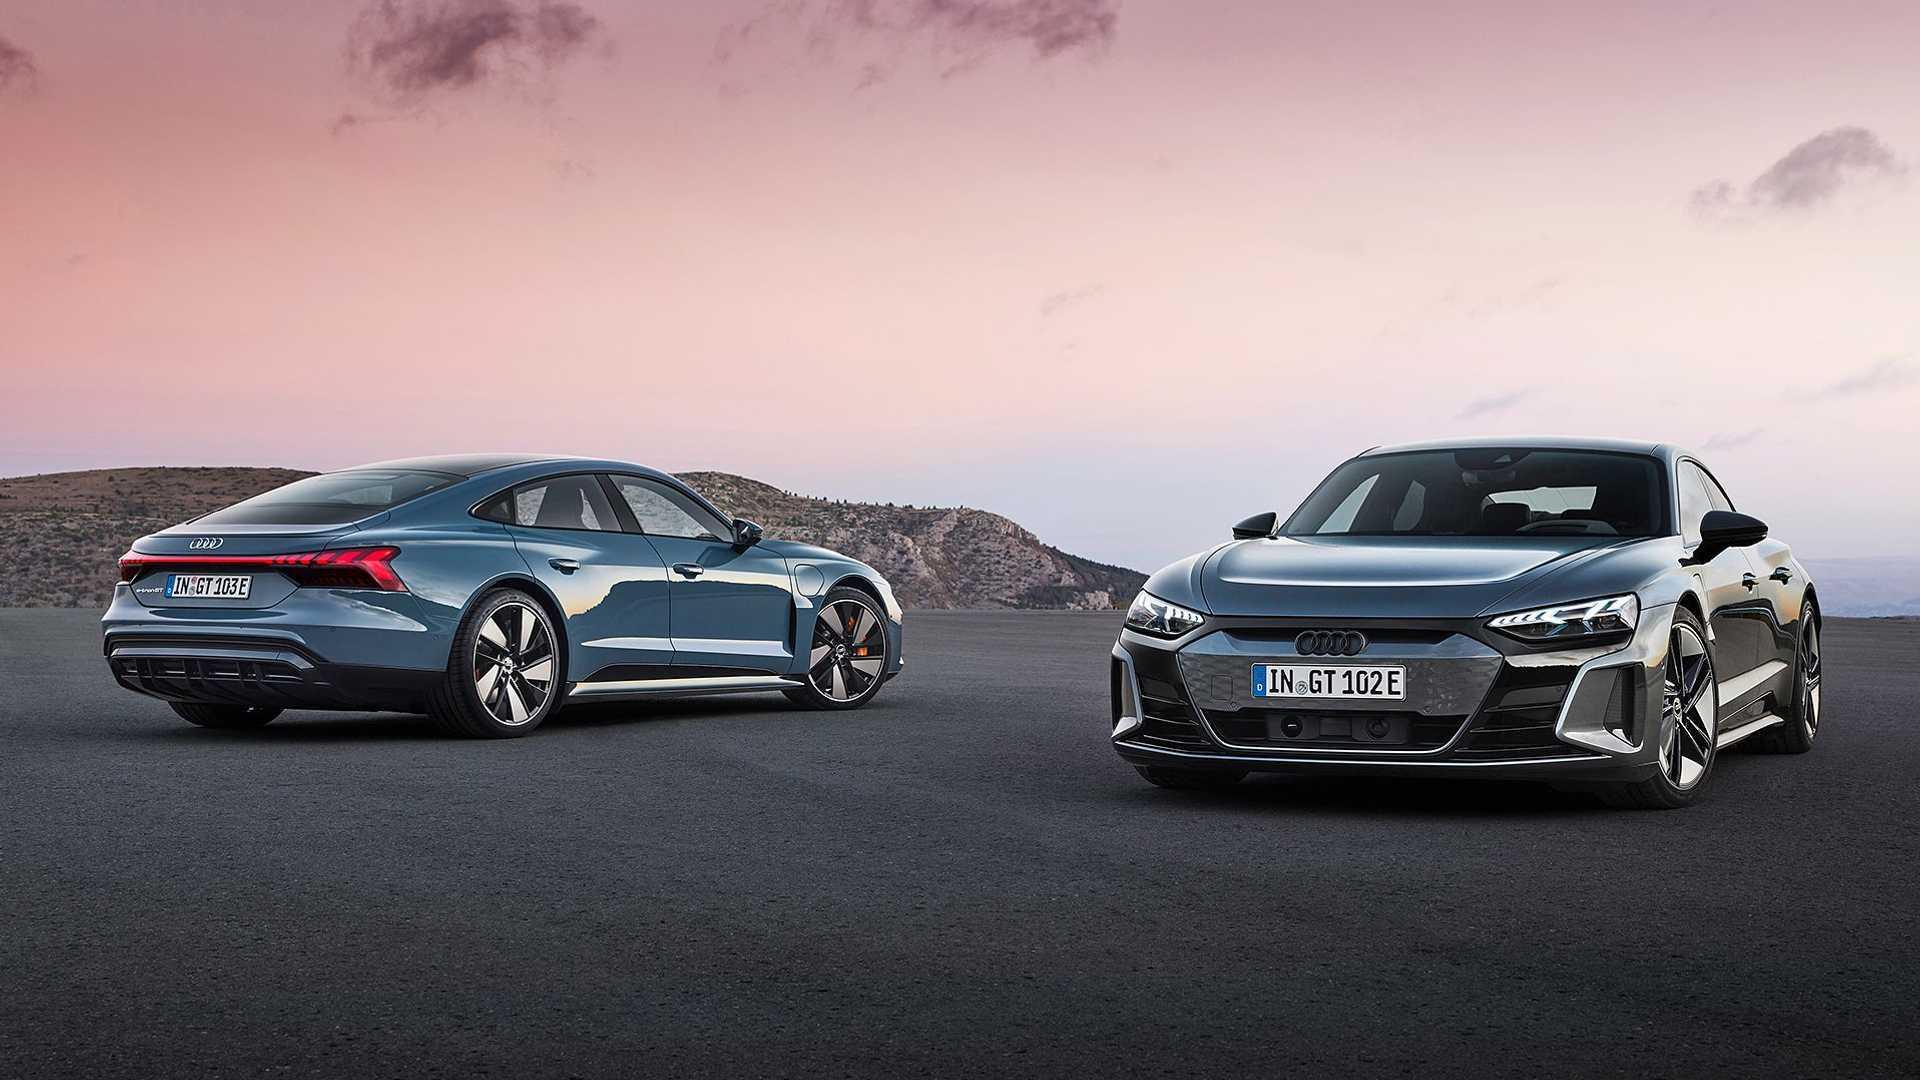 Audi планирует уменьшать запас хода будущих электромобилей